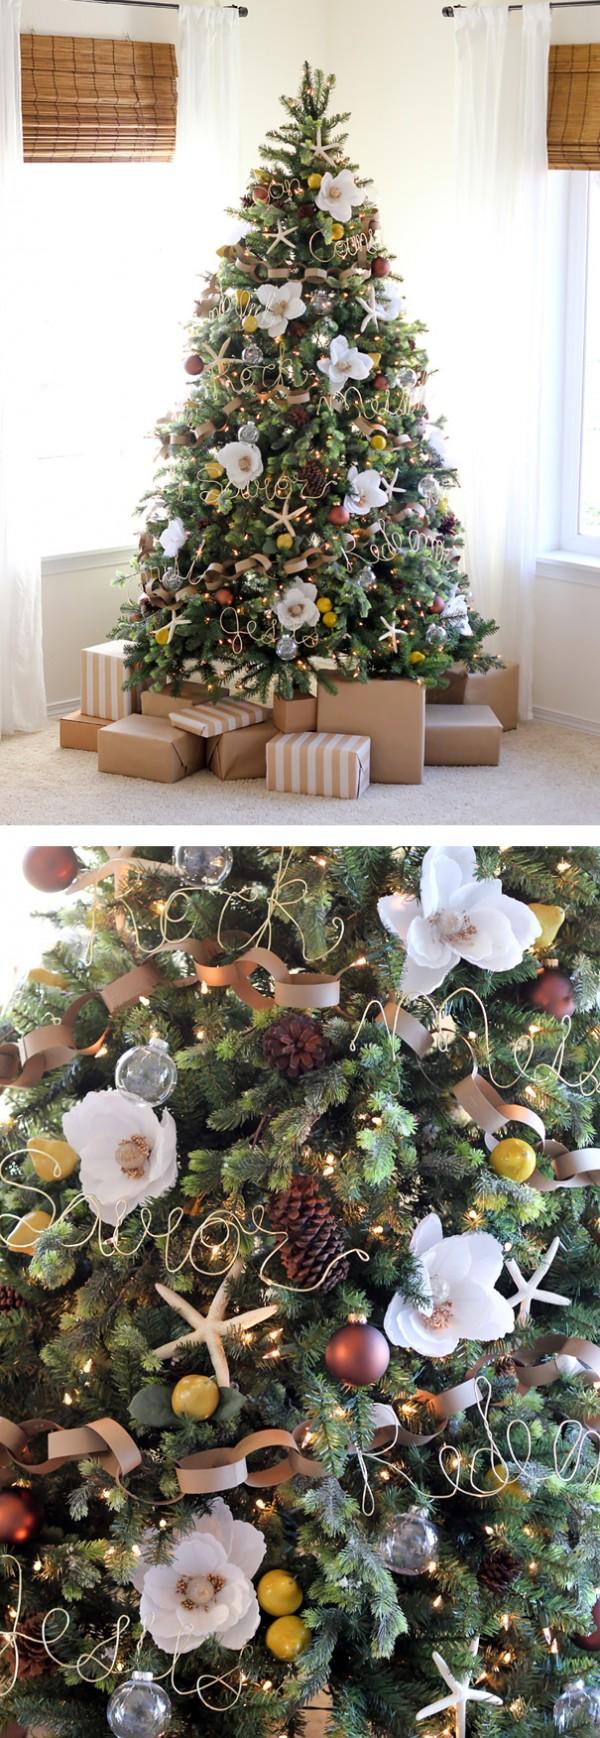 ideas-decoracion-arbol-navidad-flores-9